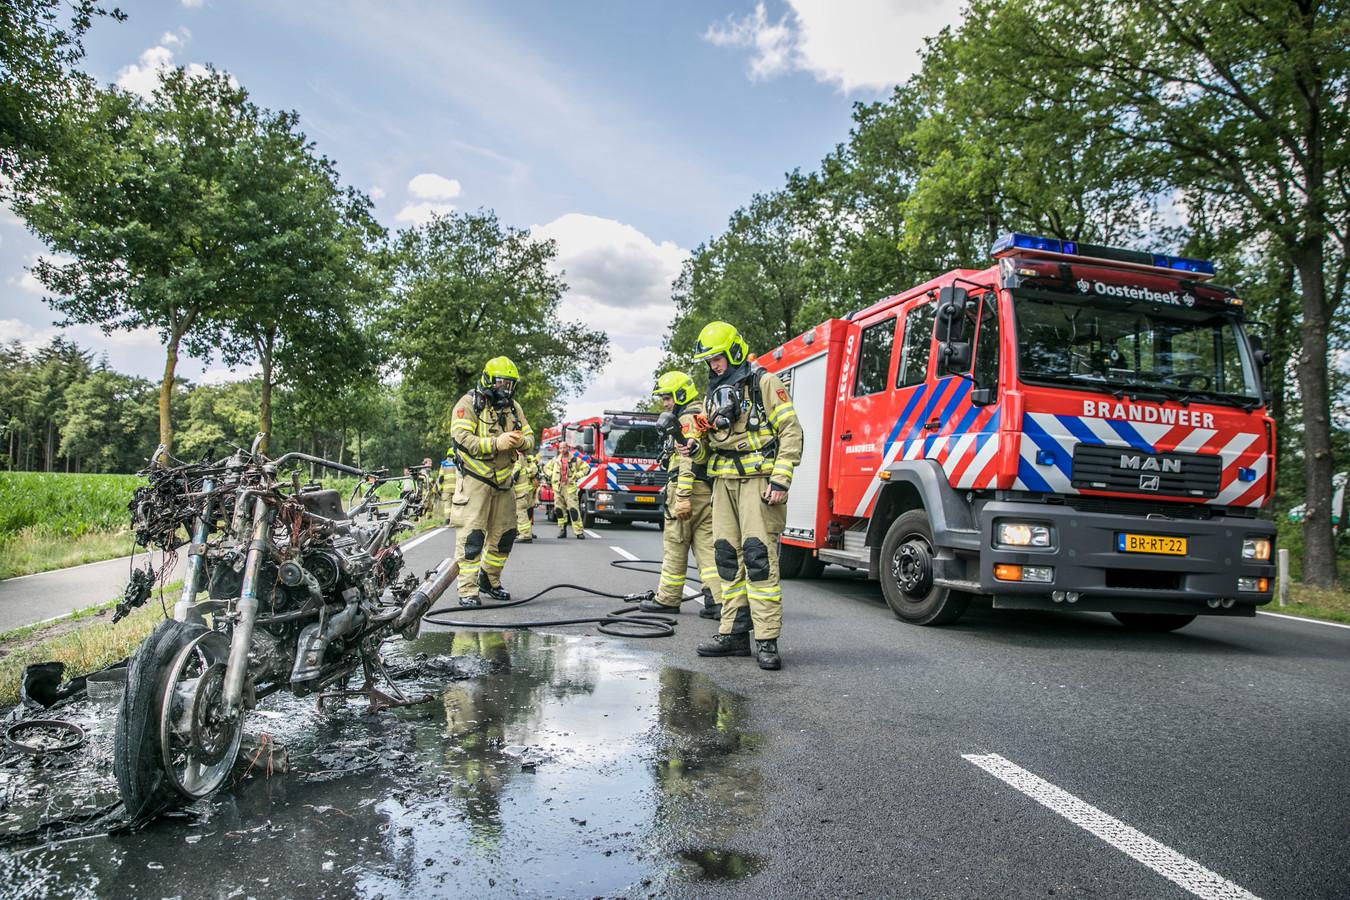 Op de Amsterdamseweg N224 in Arnhem is maandagmiddag een motor volledig uitgebrand. Niemand raakte gewond.